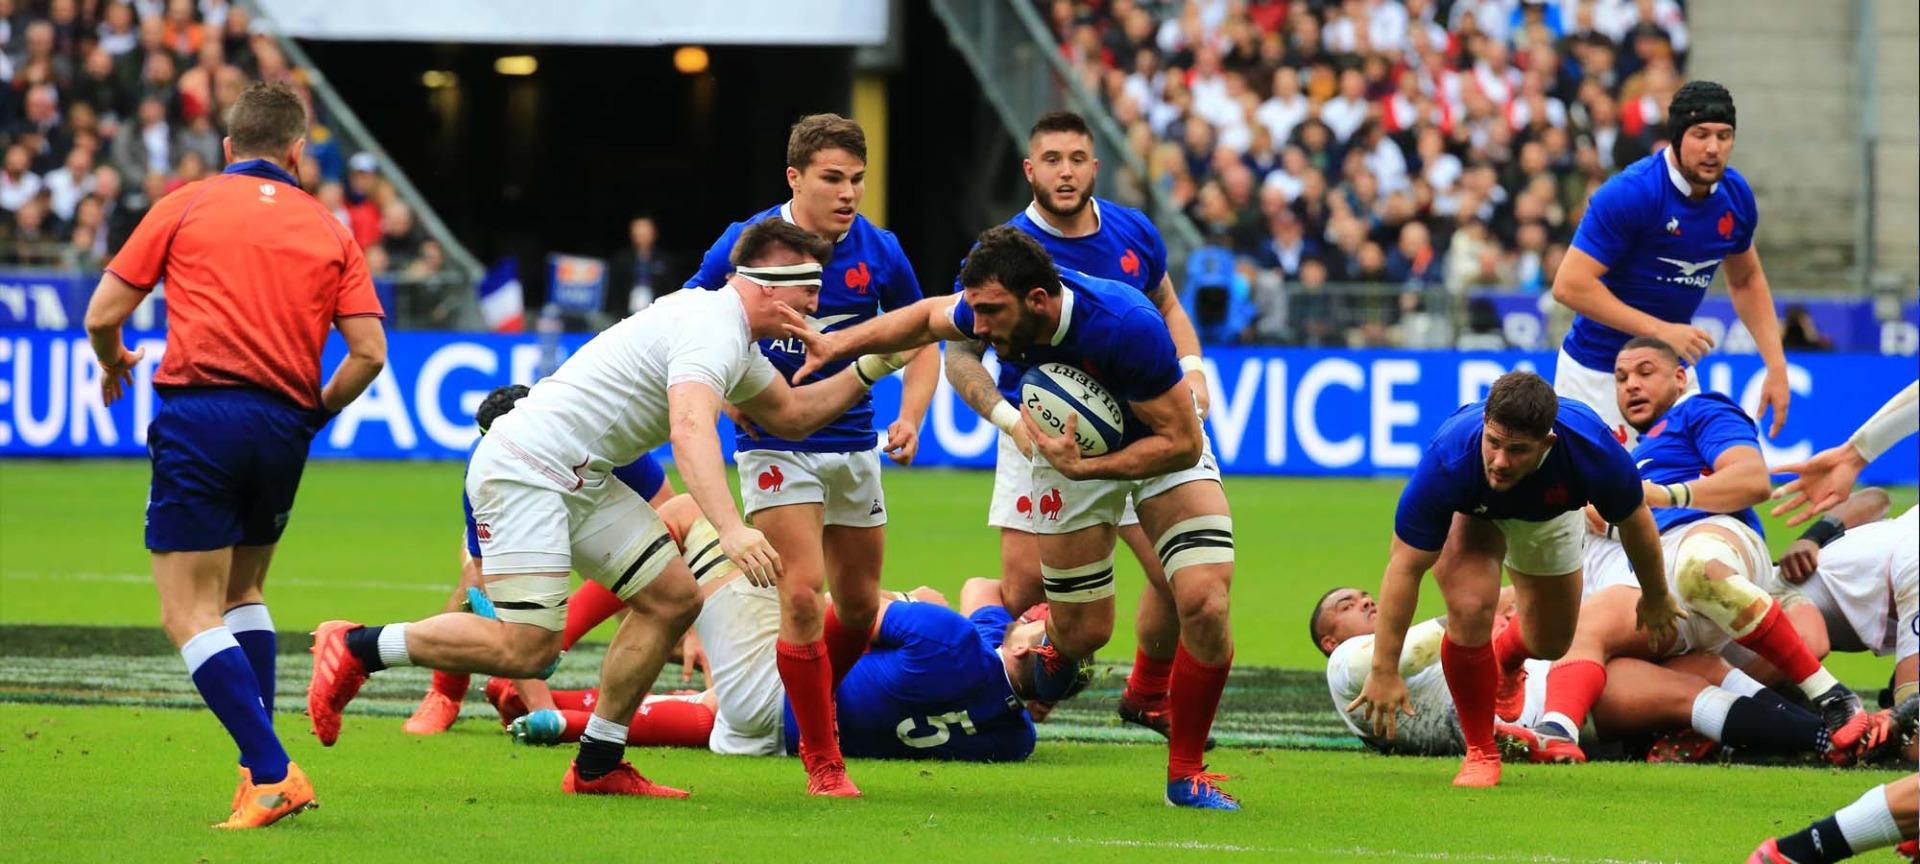 Billet et voyage pour Angleterre - France au Tournoi des 6 Nations 2021